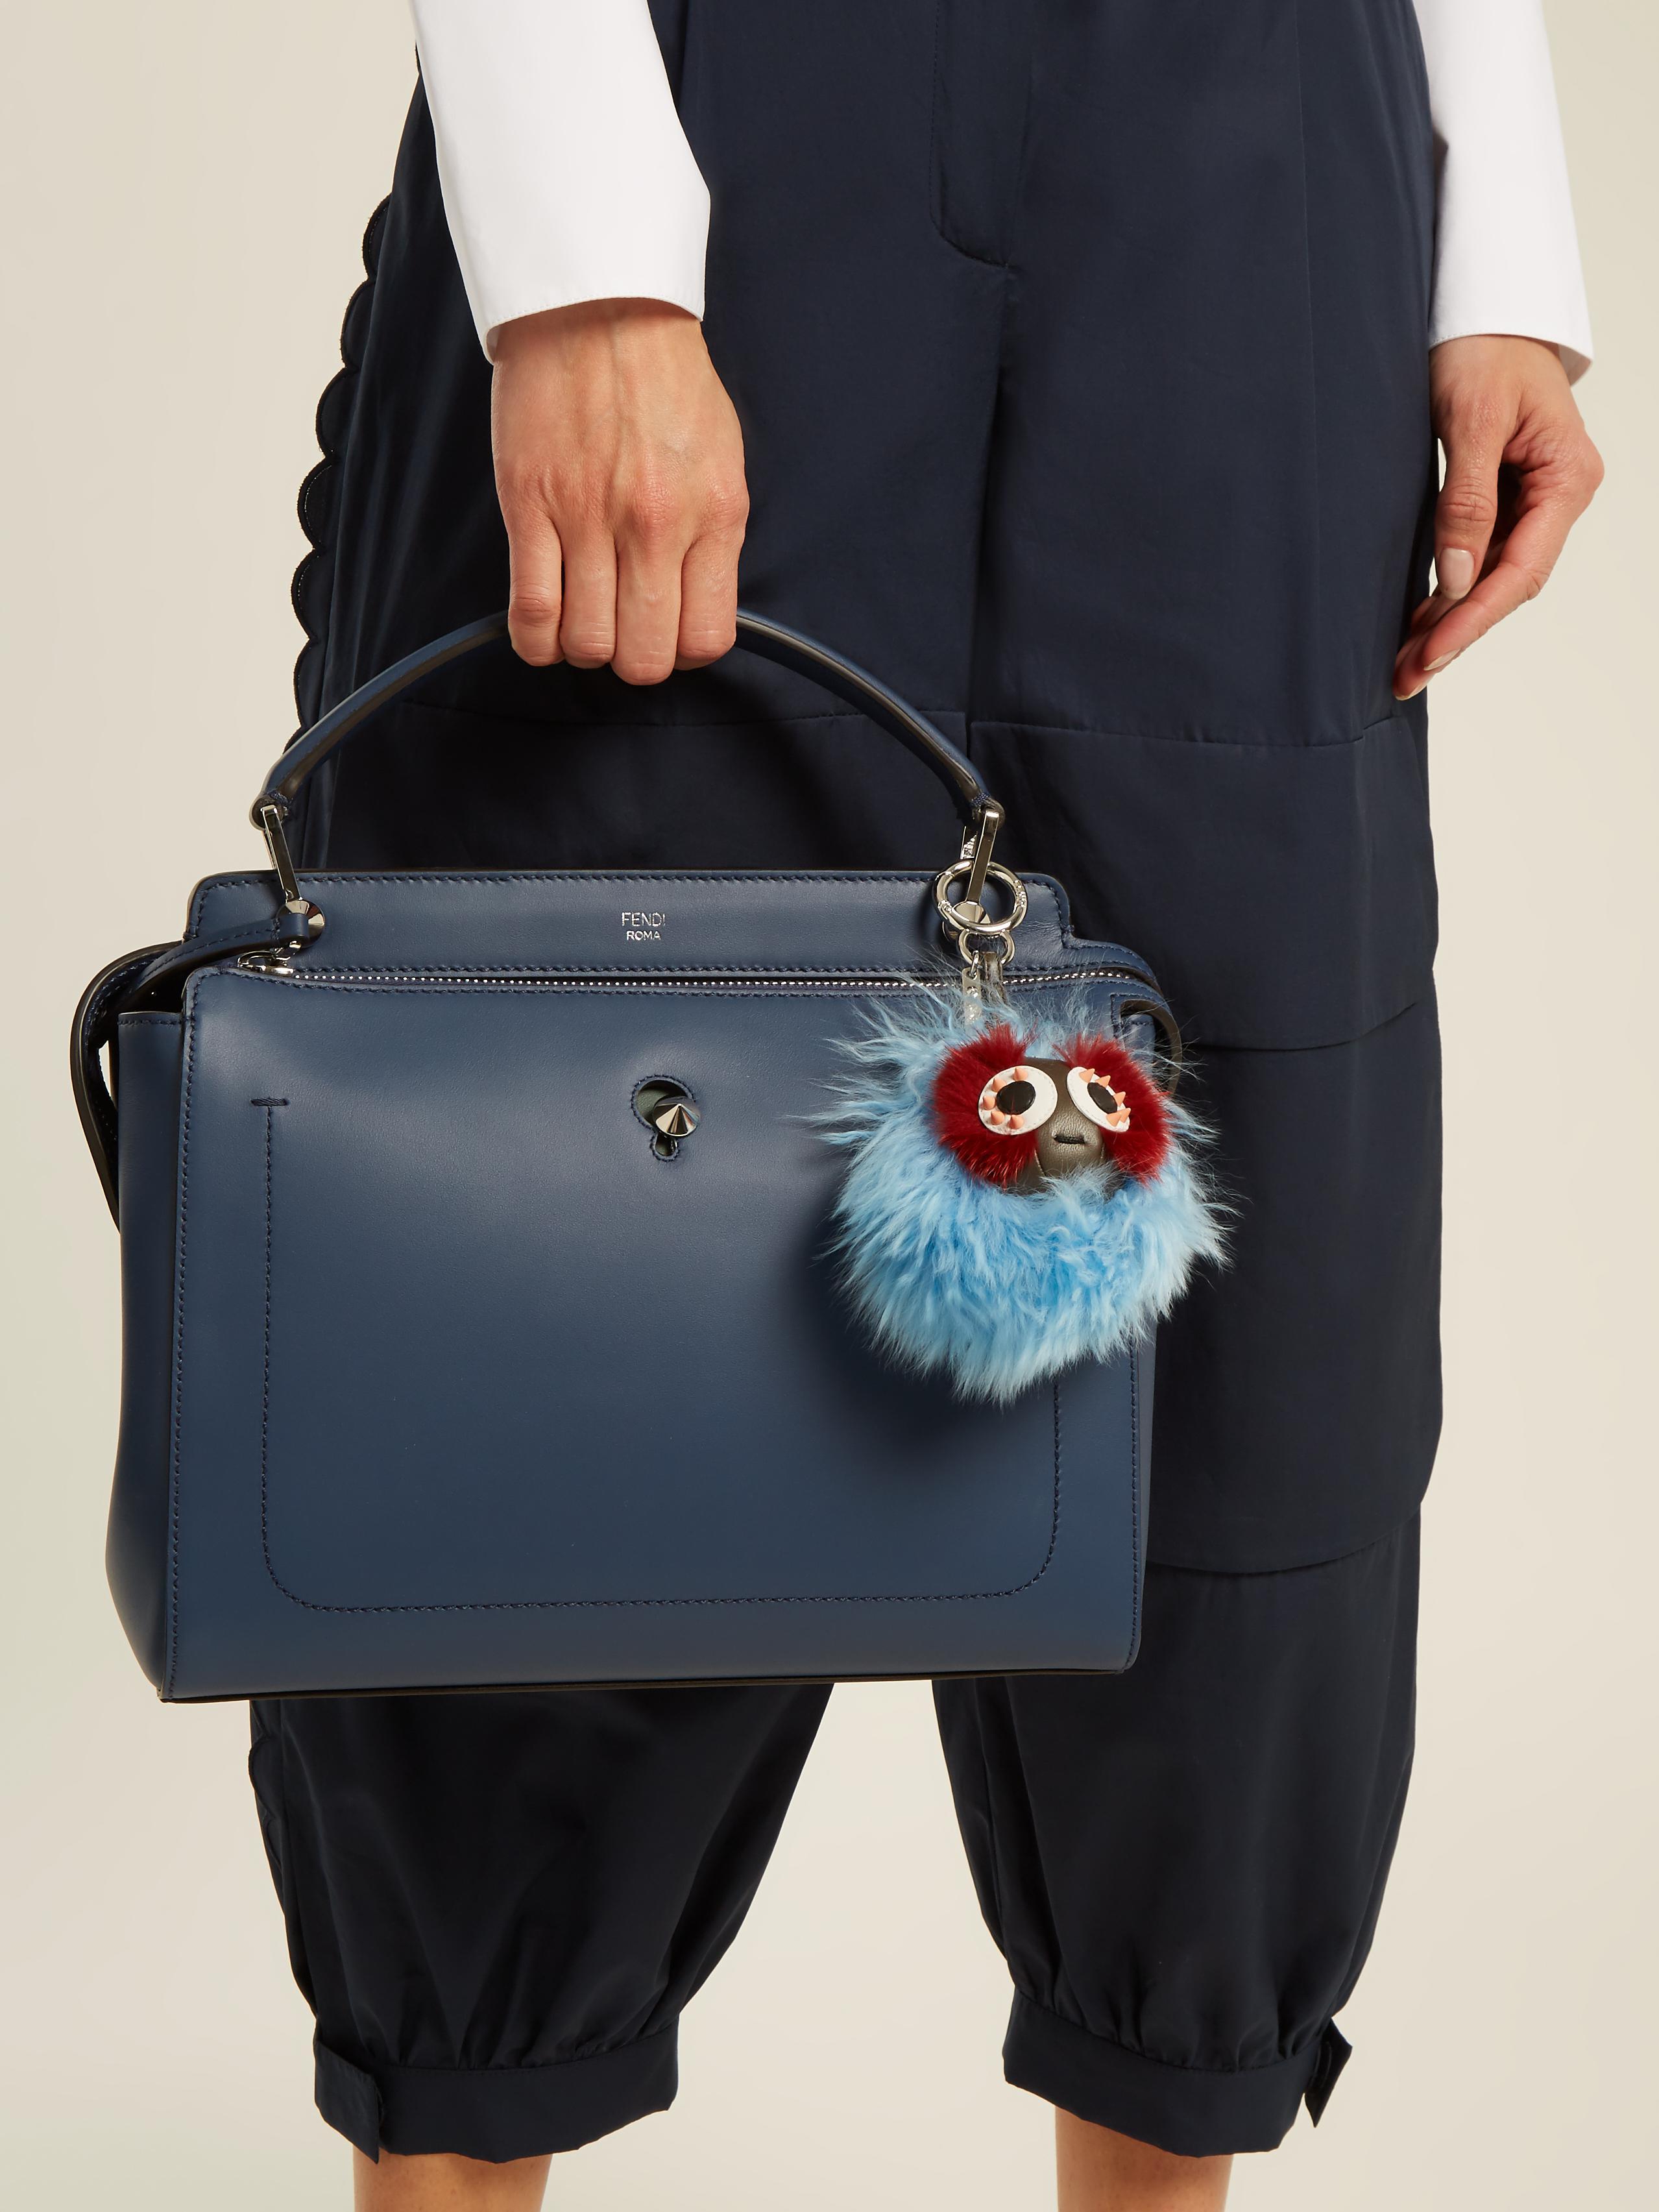 Mink & Alpaca Fur Mini Bag Bug Charm in Blue Fendi rV8K3M4r2